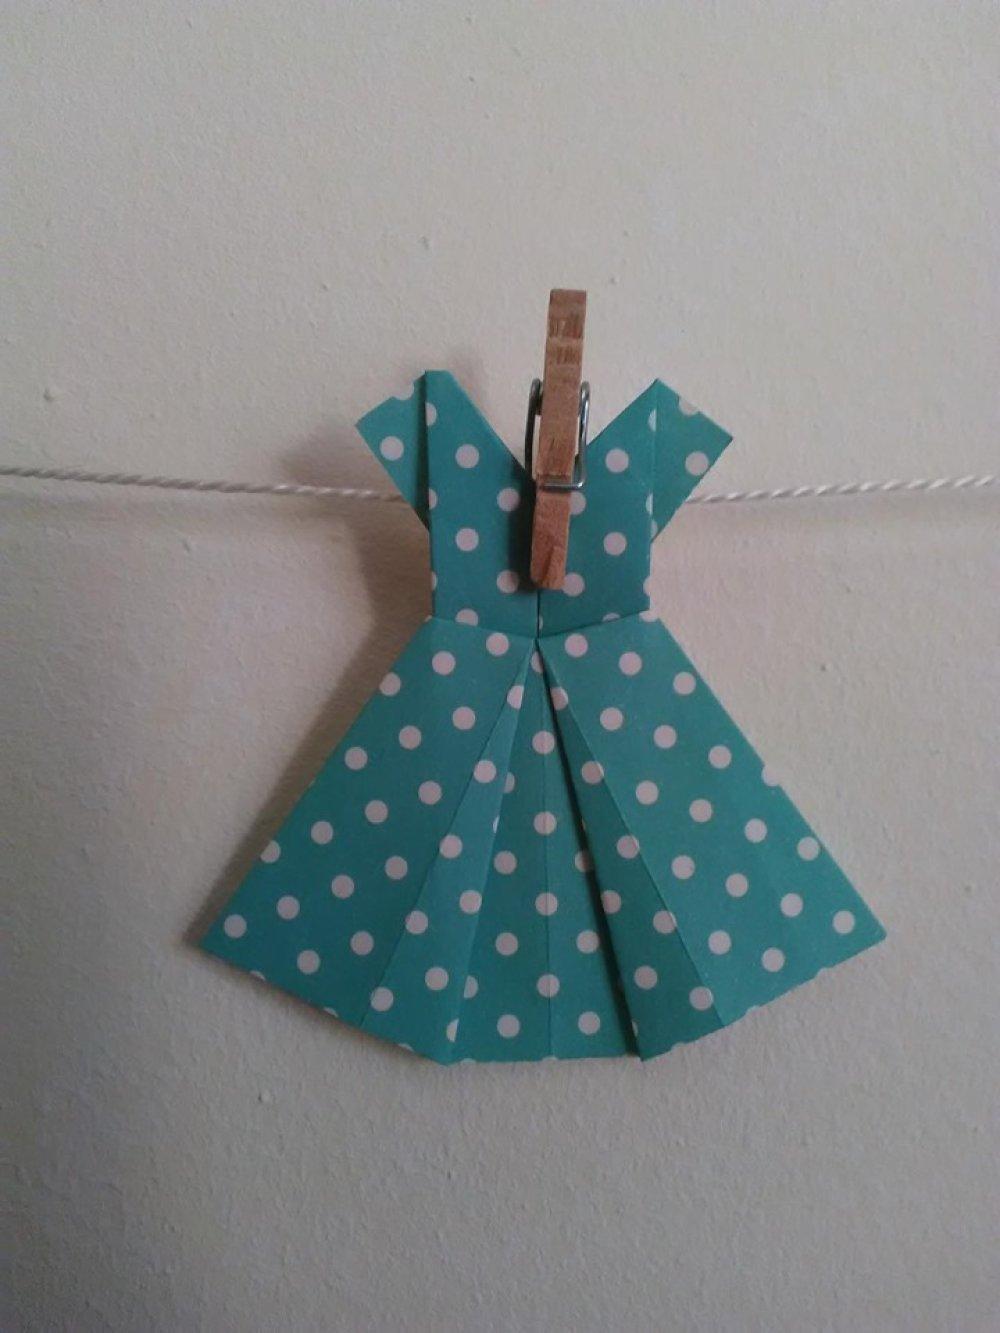 Guirlande de 5 robes en origami Idée cadeau naissance, baptême, fille etc...